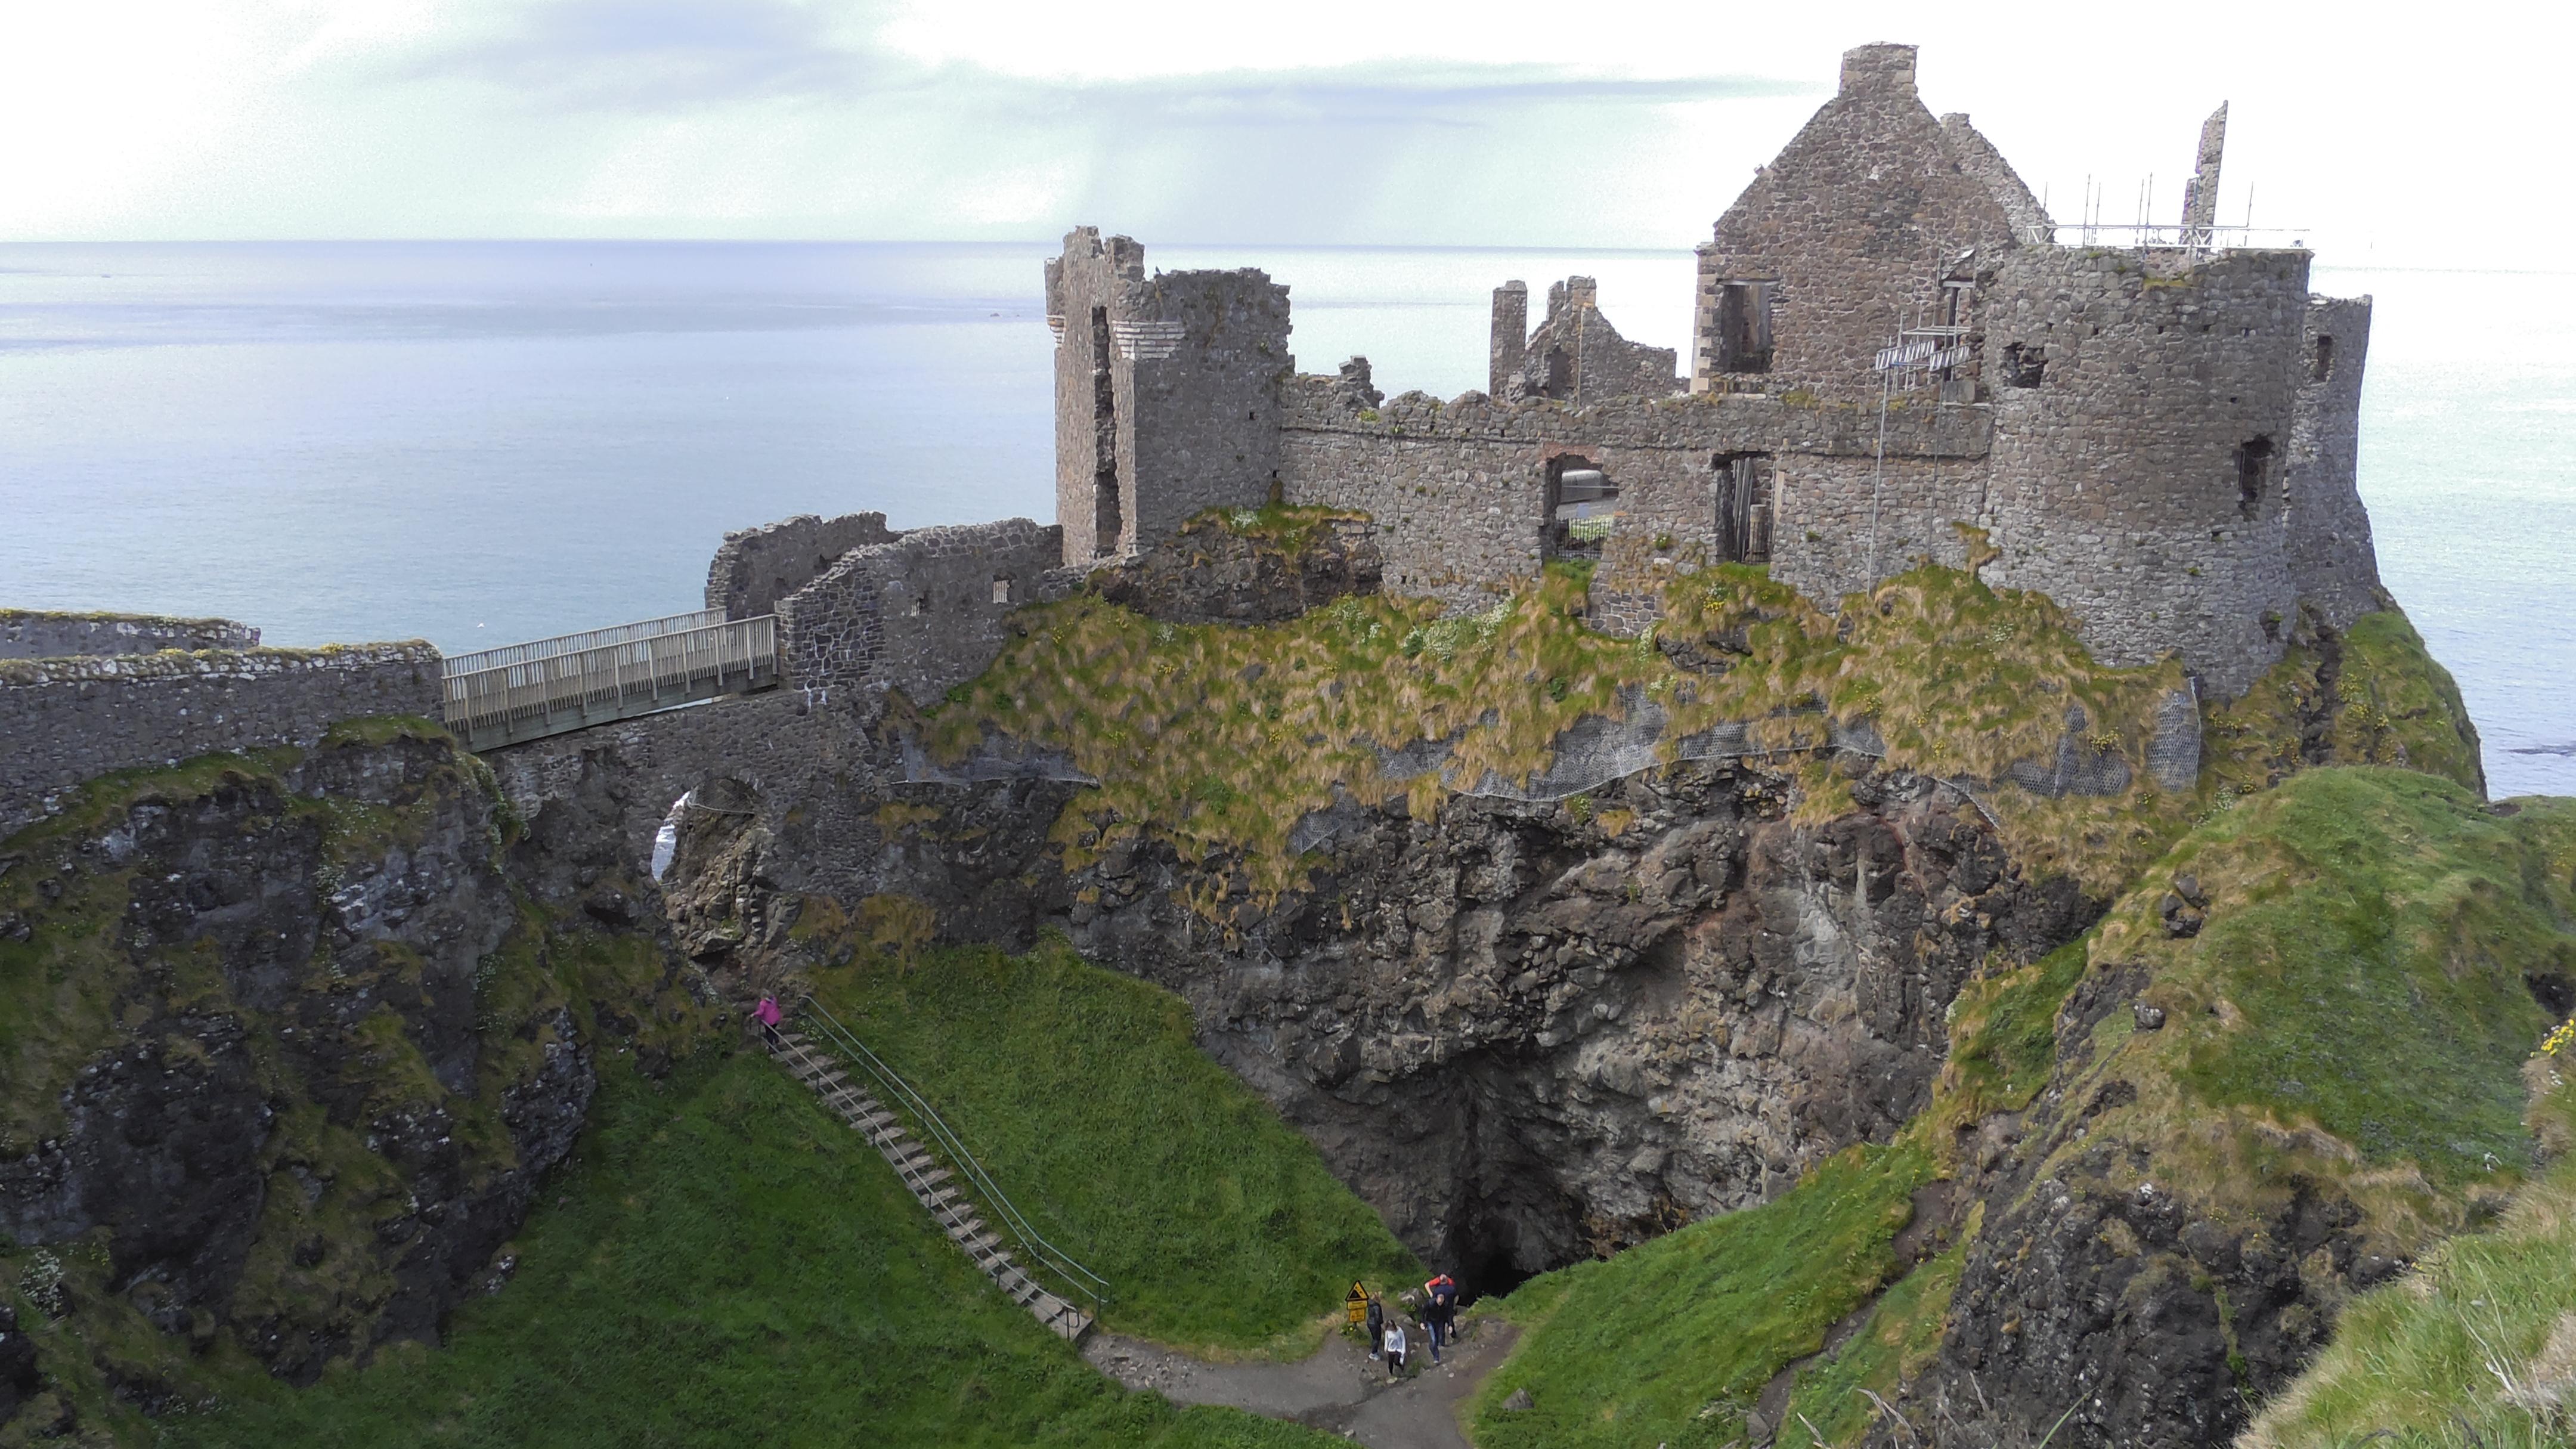 Dunluce Castle als Burg Peik